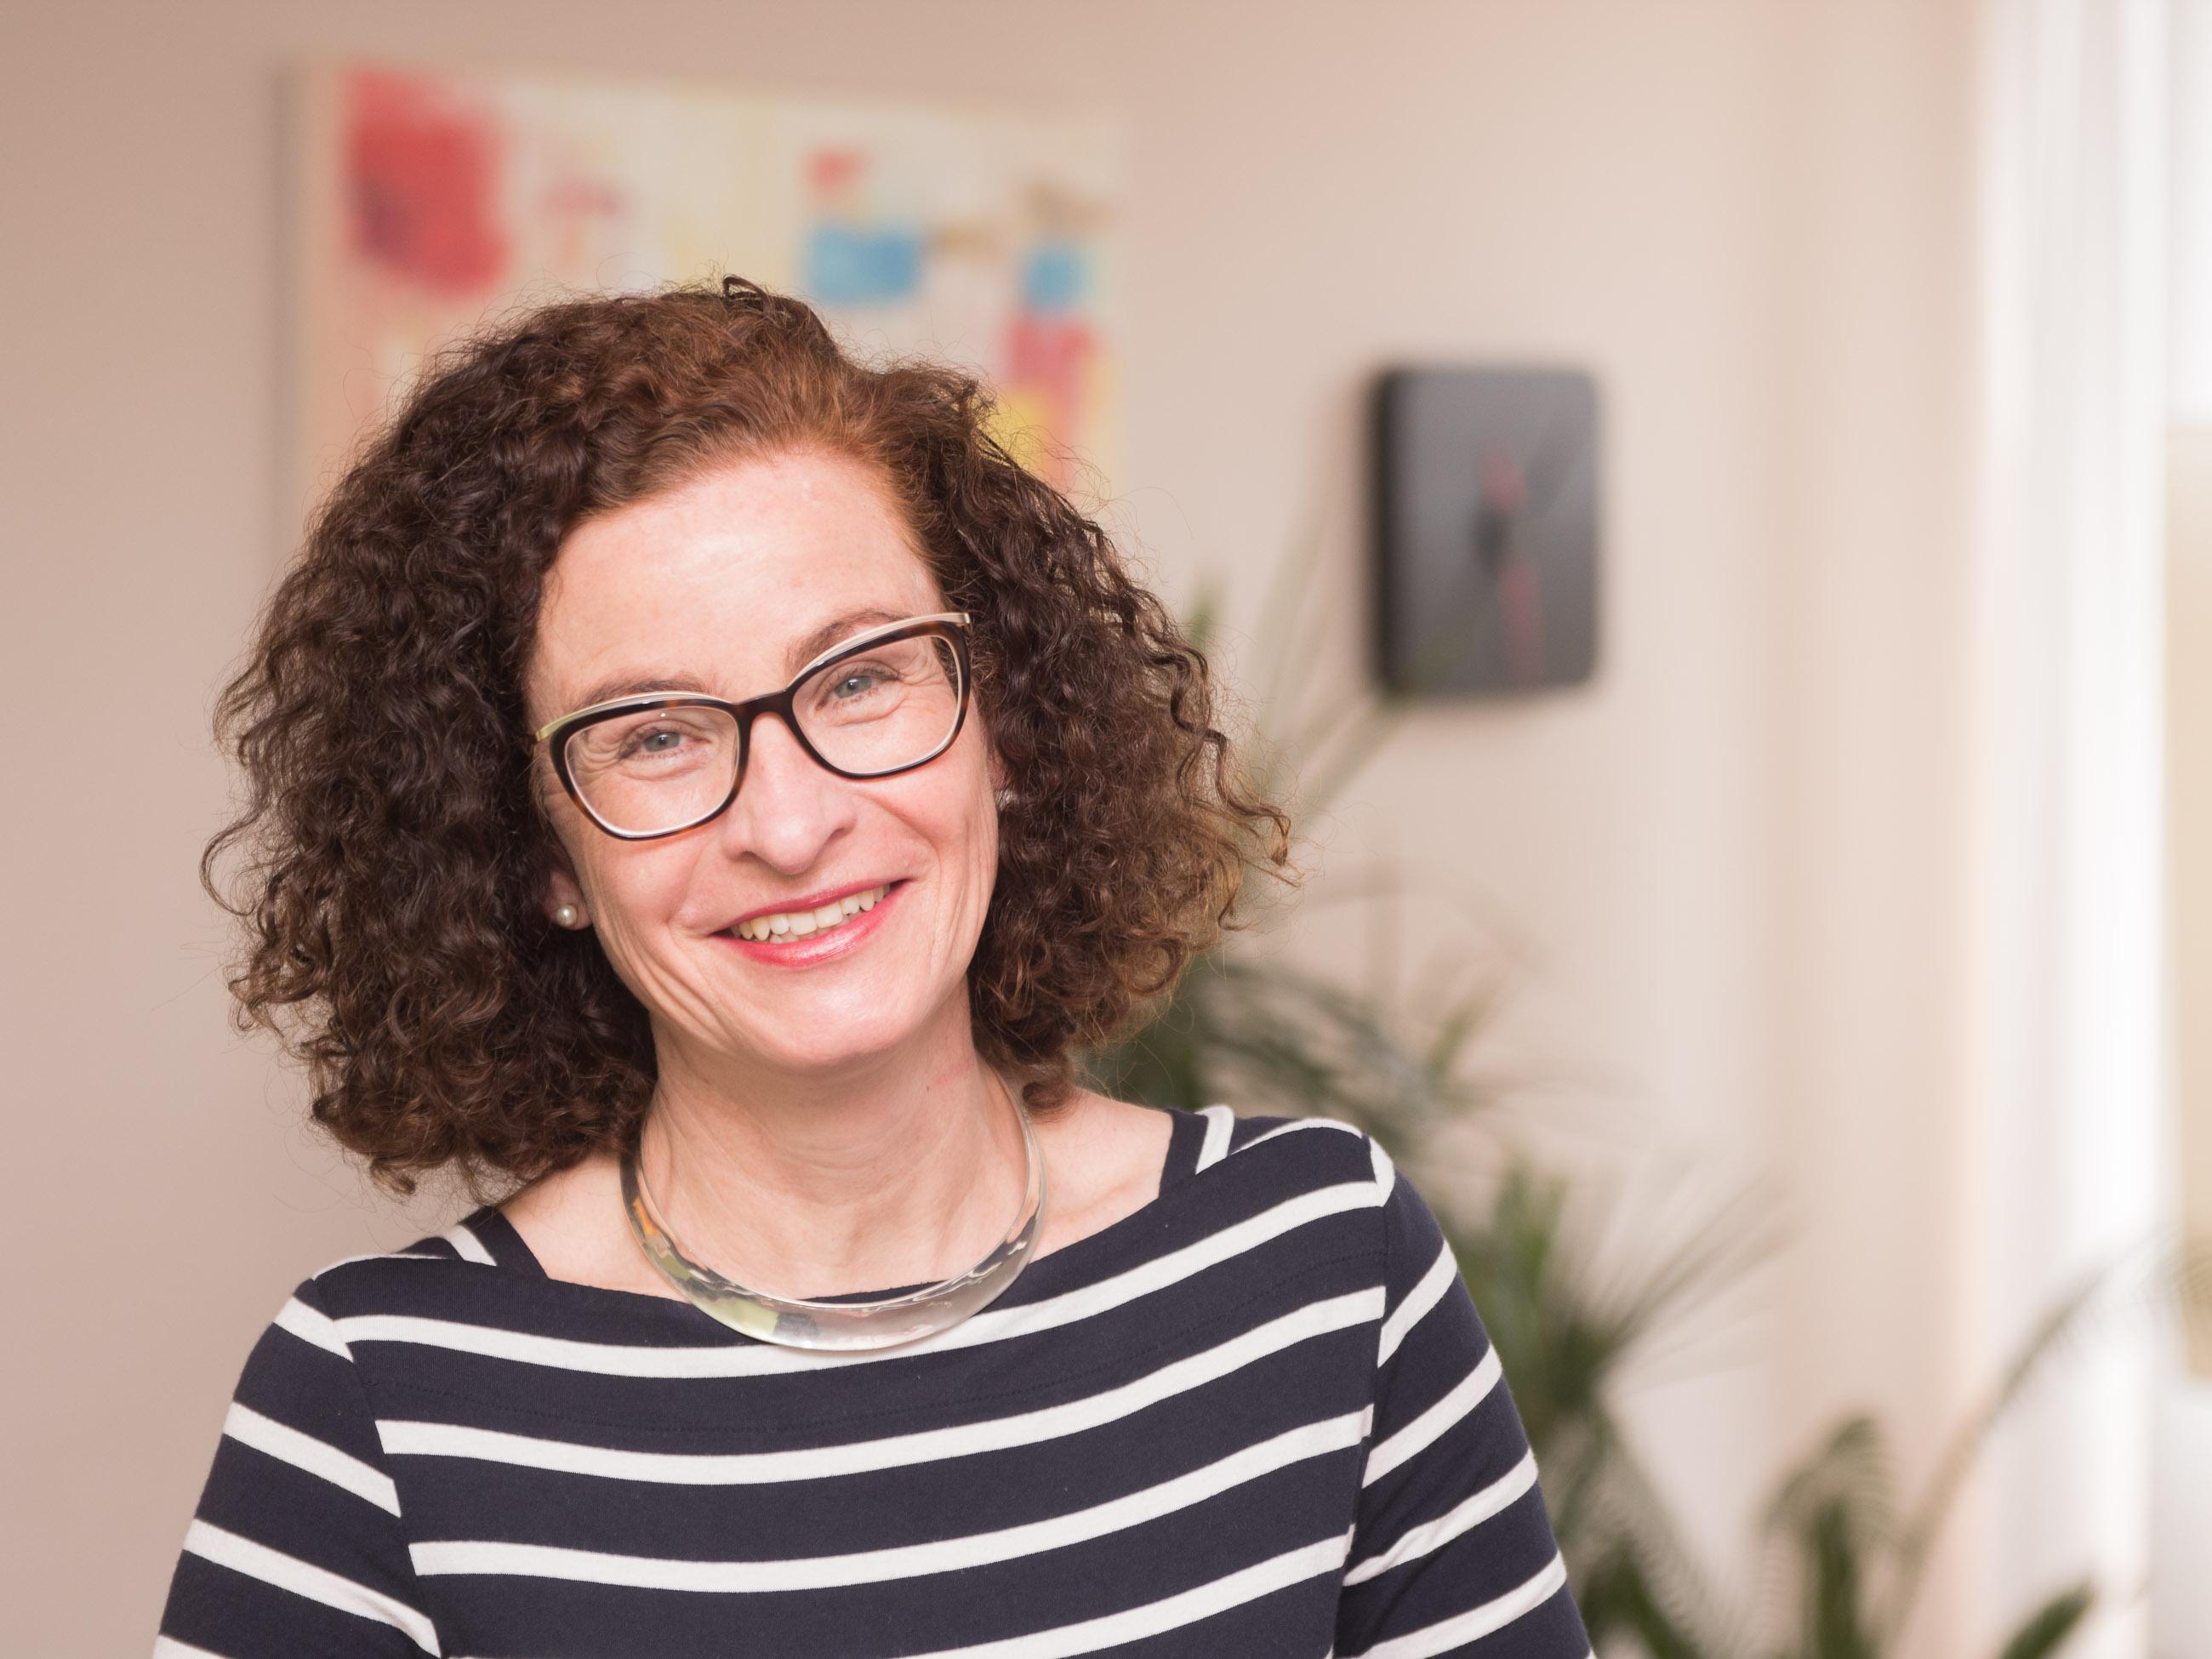 Annette Graubner-Scheffler Profilbild